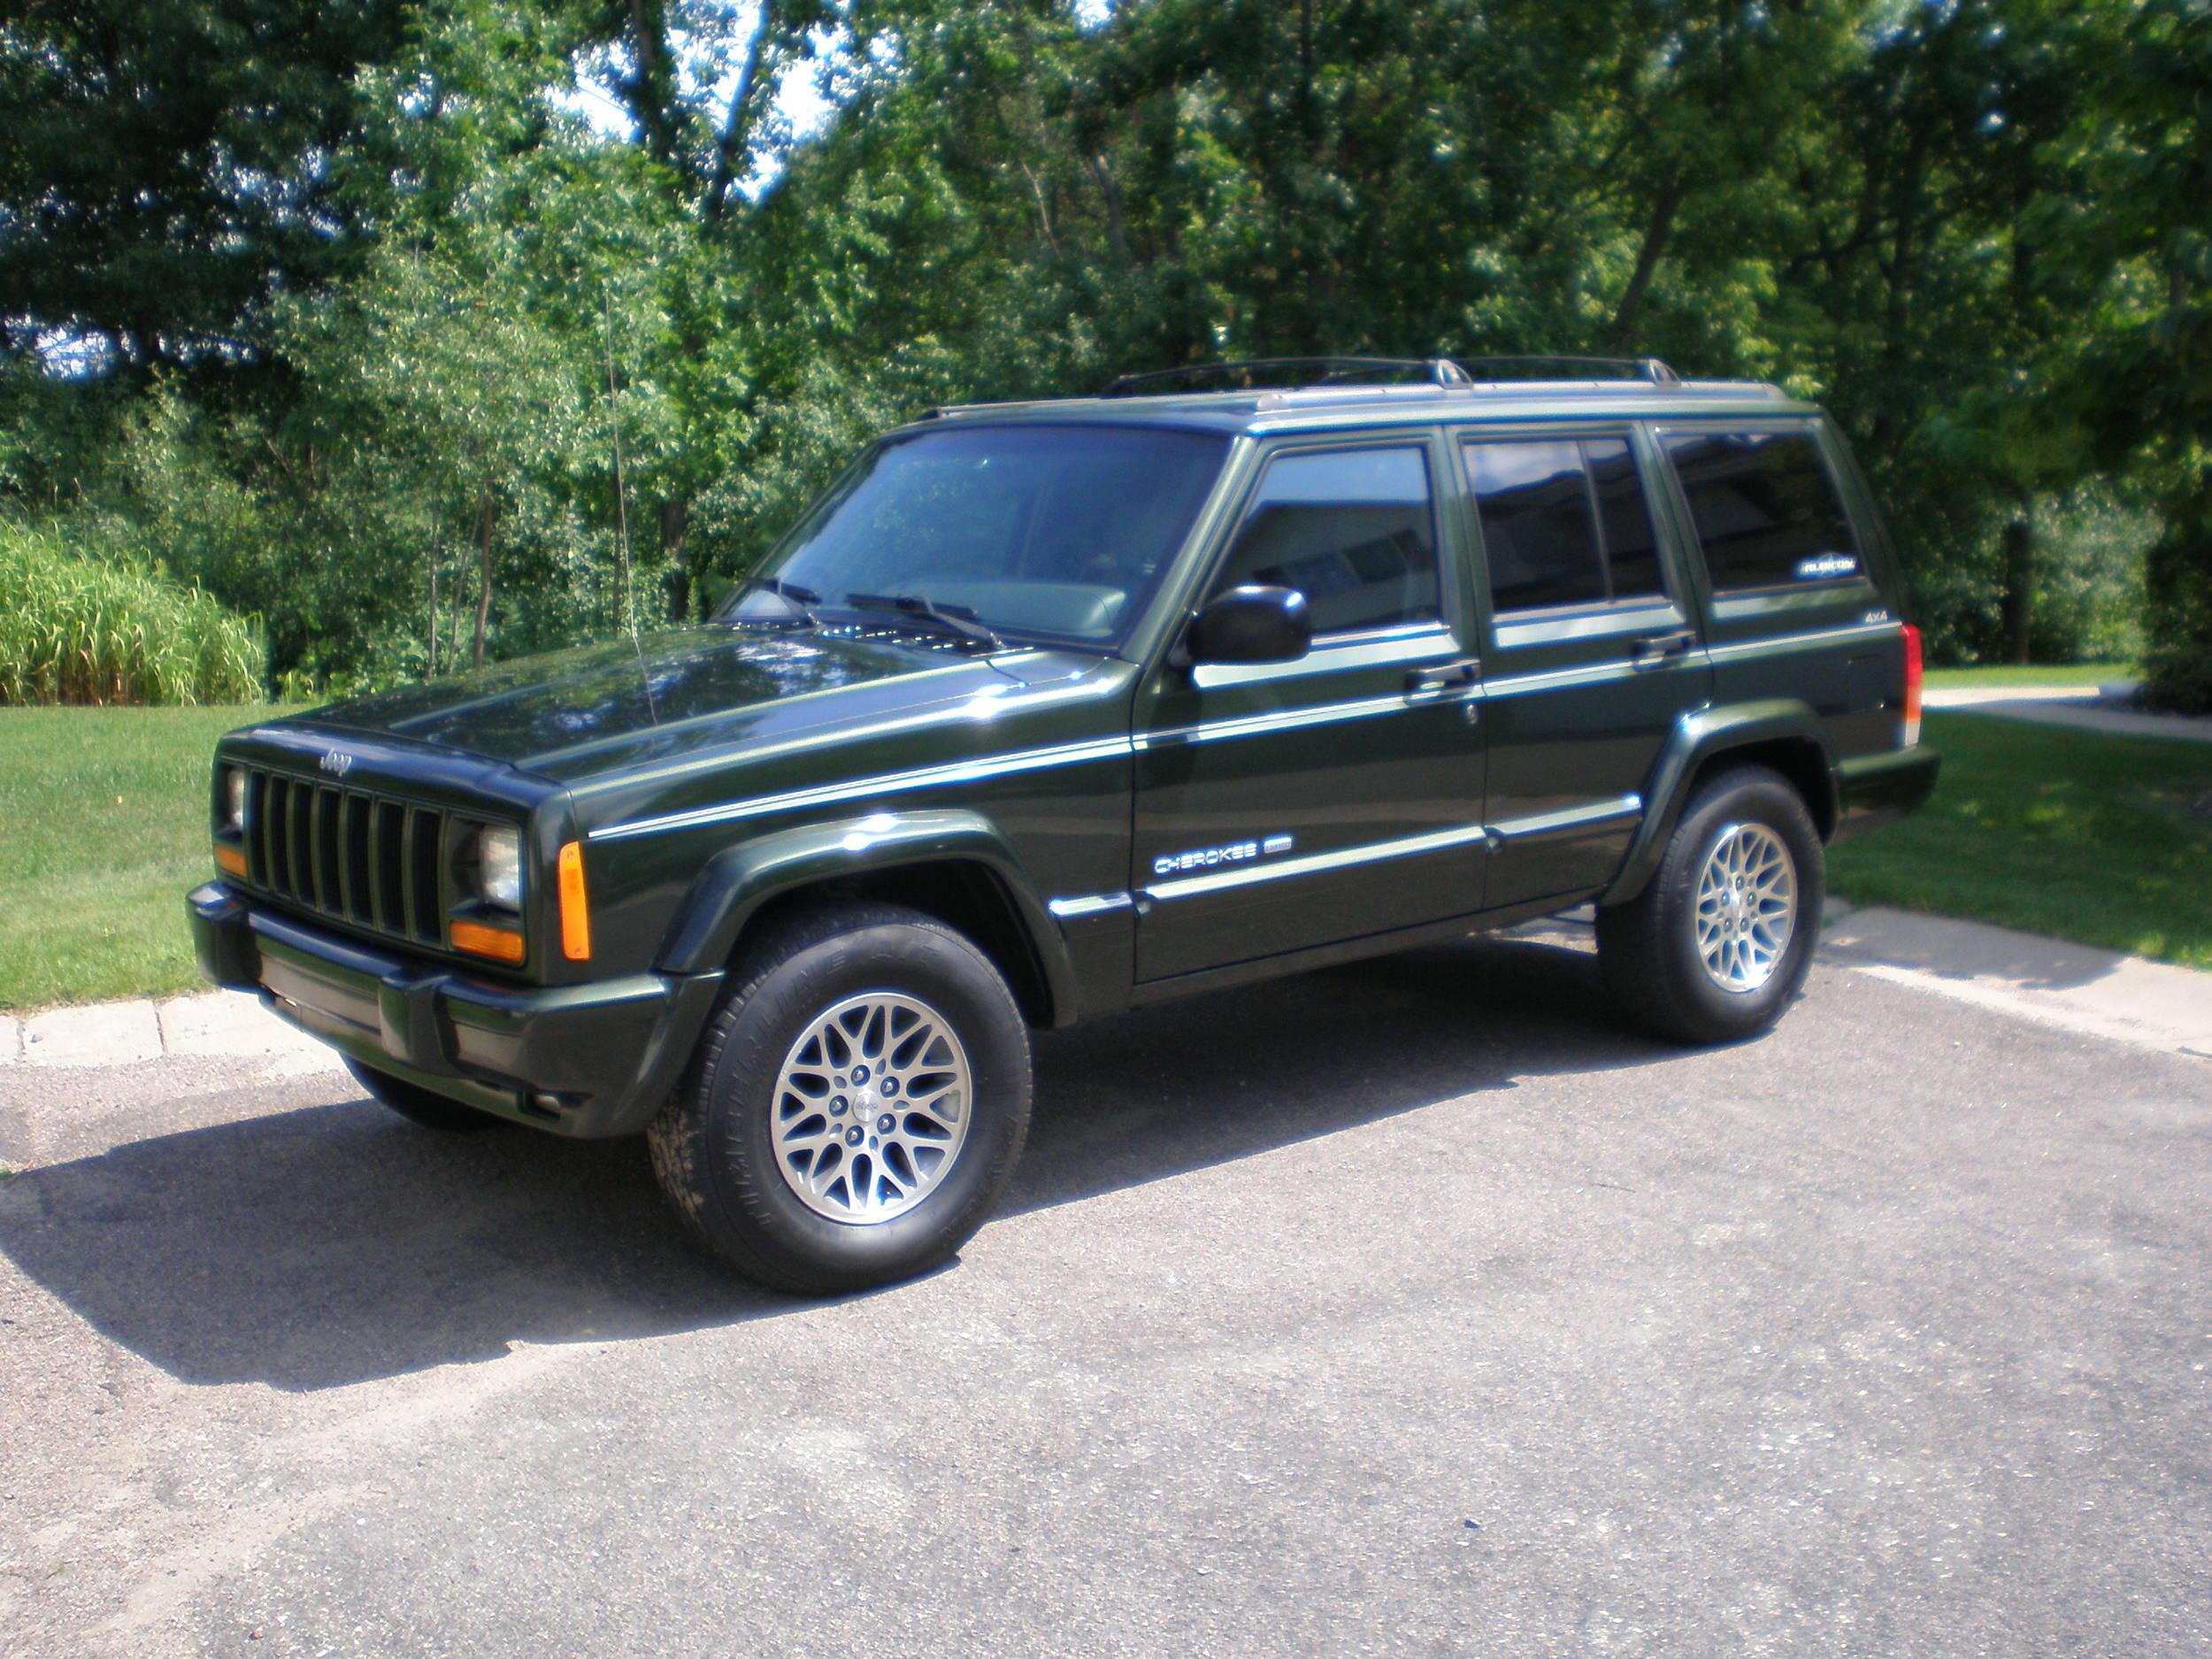 98_XJ_Jeep_Cherokee_023.JPG